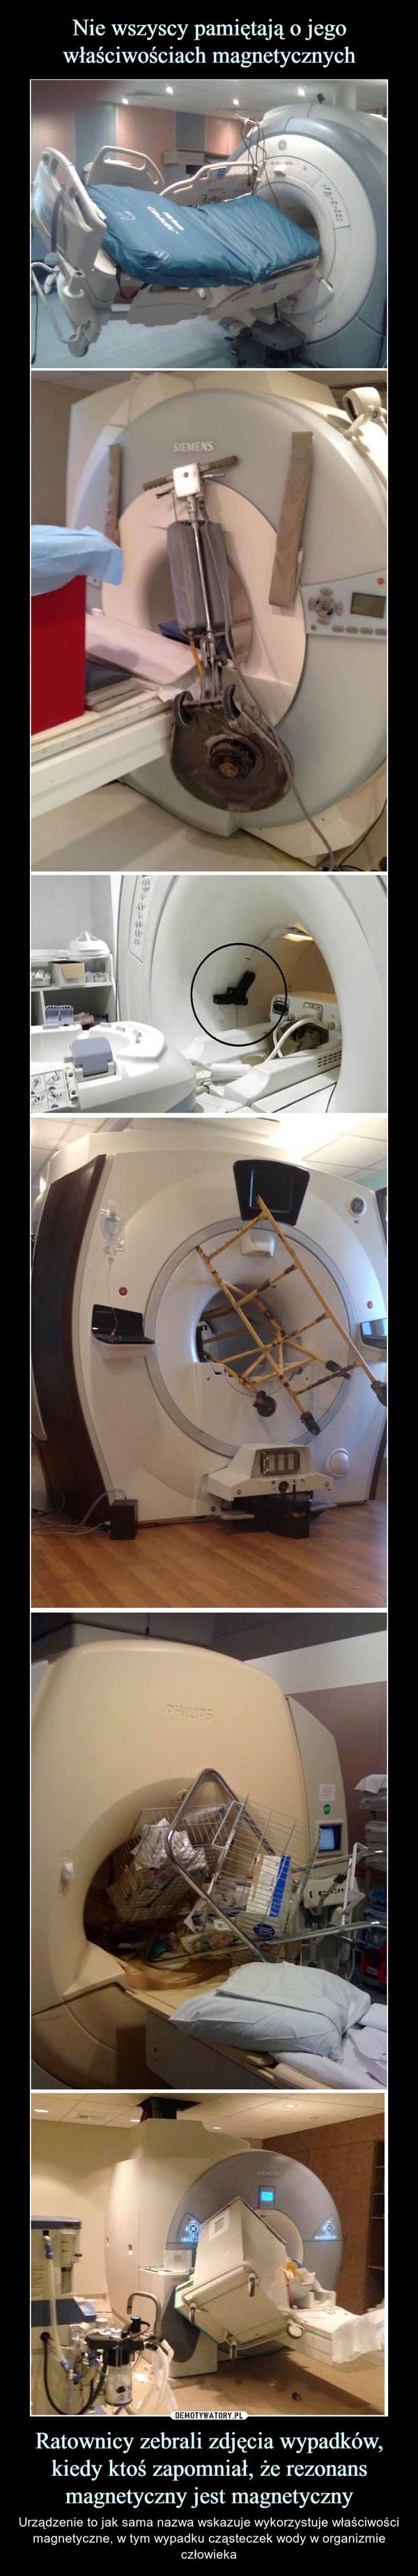 Ratownicy zebrali zdjęcia wypadków, kiedy ktoś zapomniał, że rezonans magnetyczny jest magnetyczny – Urządzenie to jak sama nazwa wskazuje wykorzystuje właściwości magnetyczne, w tym wypadku cząsteczek wody w organizmie człowieka